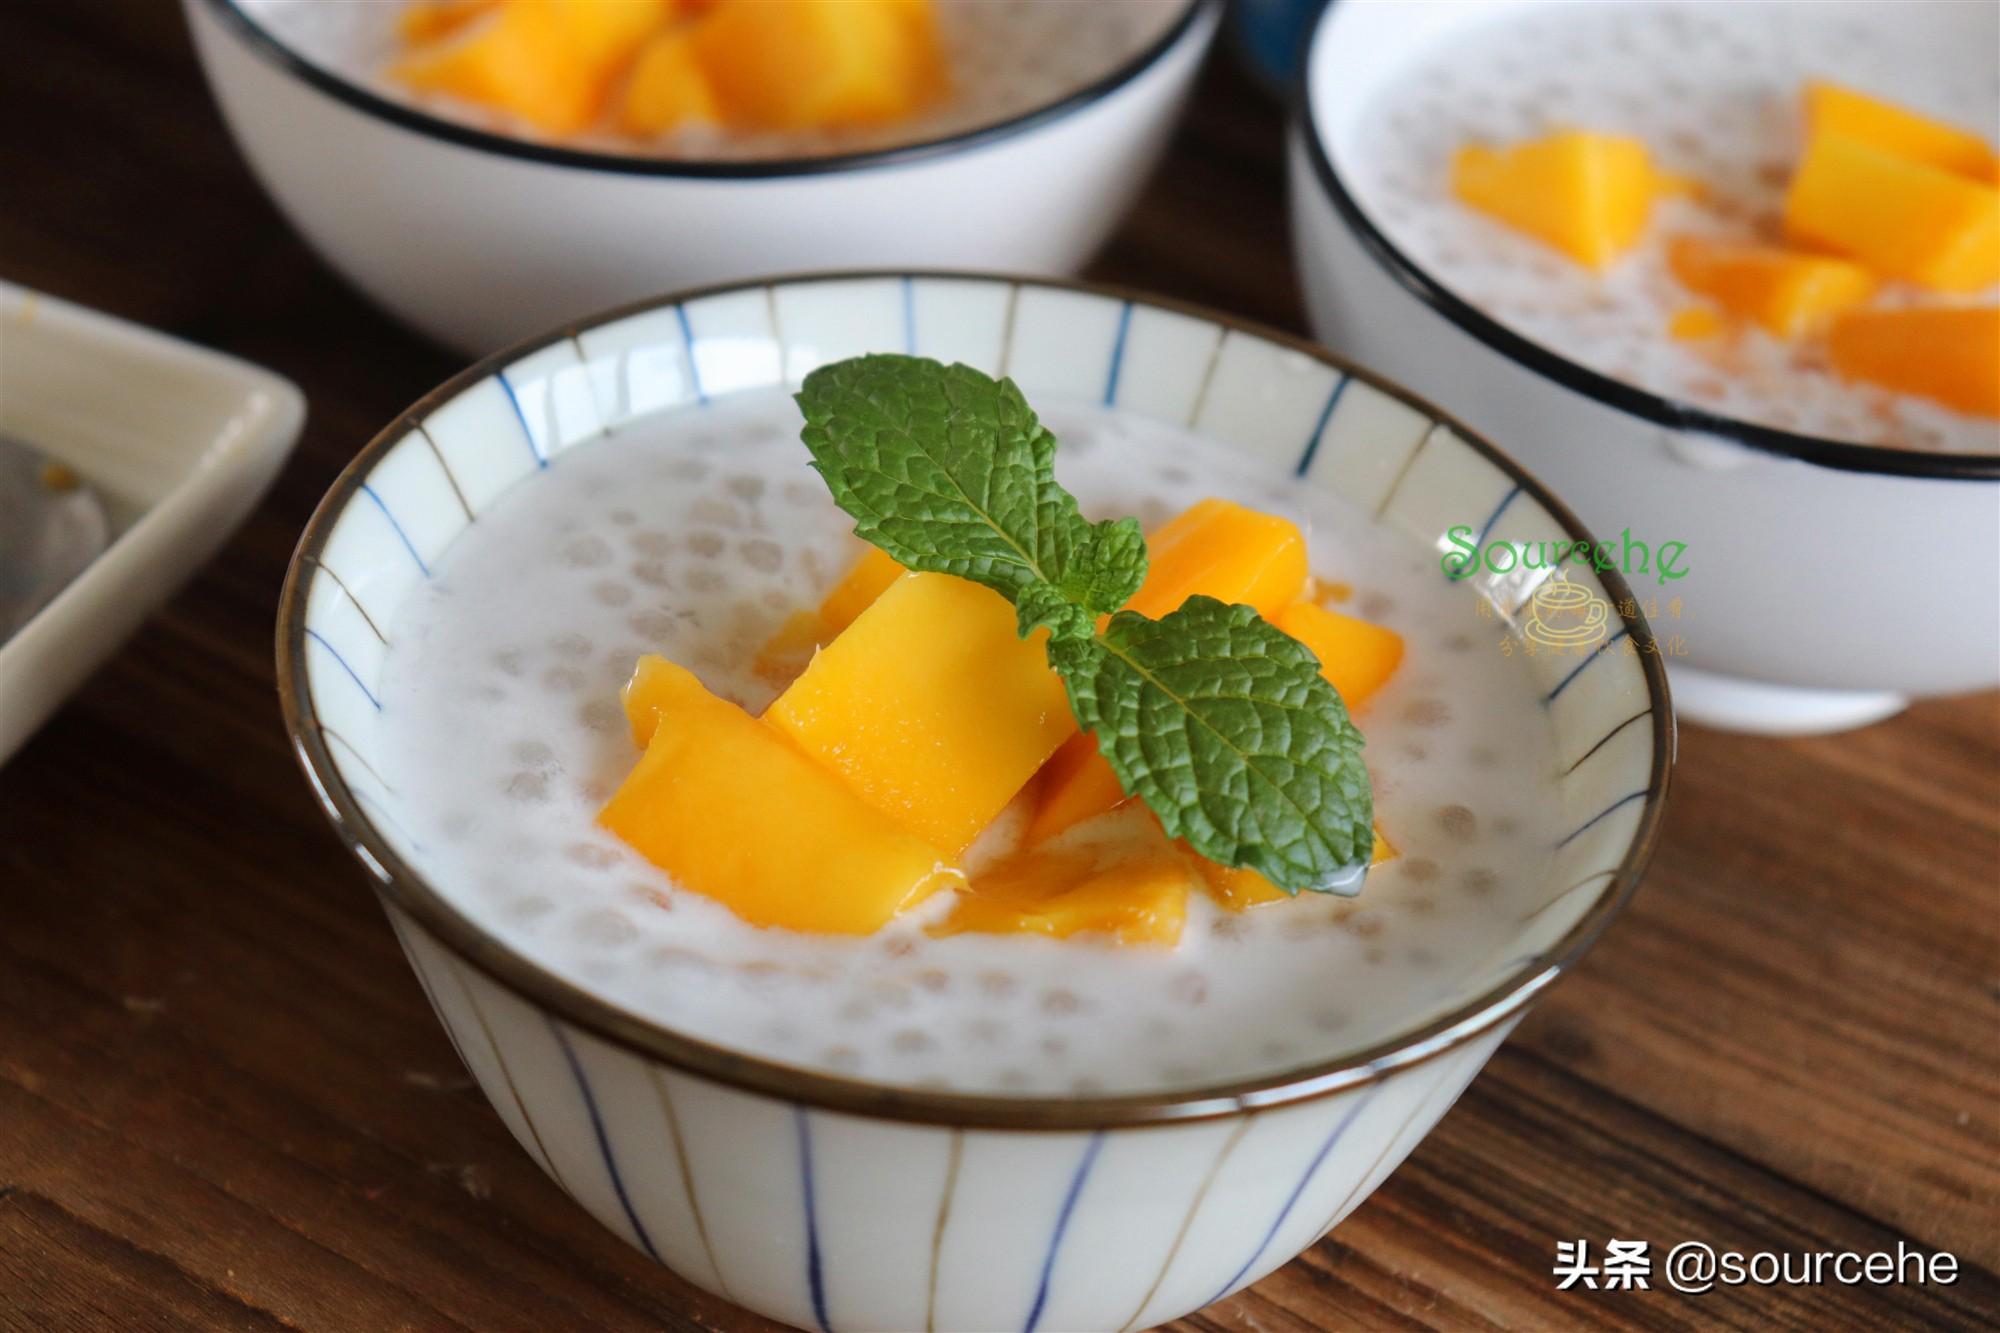 西米露只需5分鐘,晶瑩剔透,搭配芒果椰漿,香甜冰爽,很好吃